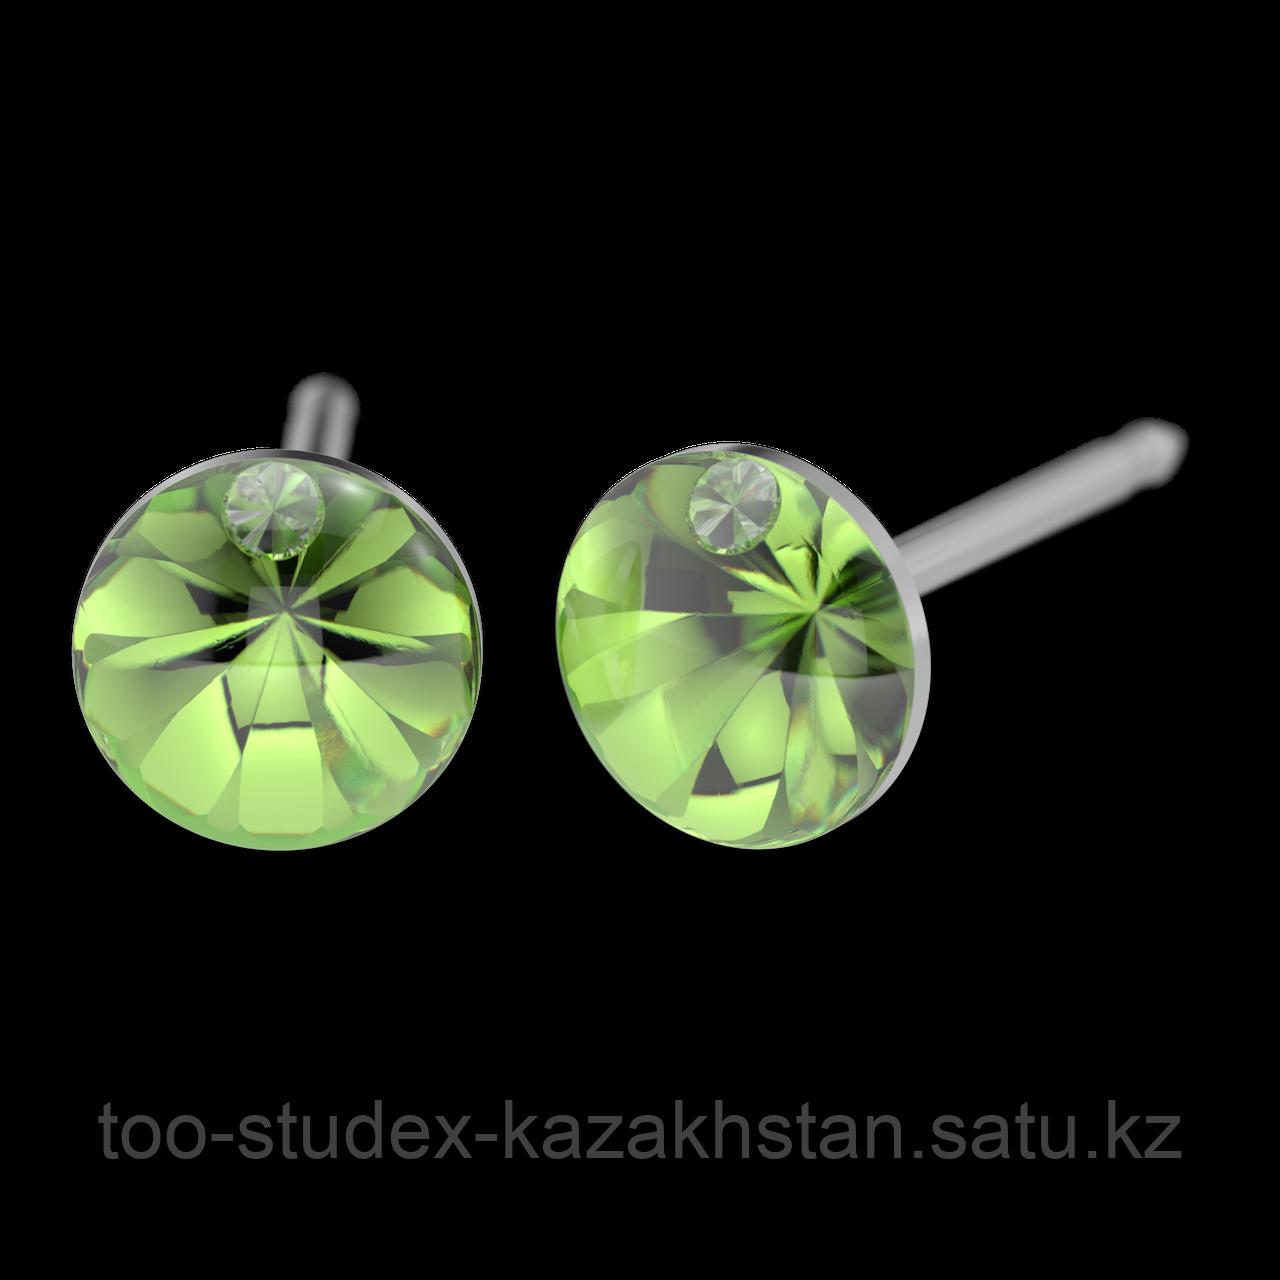 7522-4608 Серьги для прокола STUDEX System75 Зеленый кристалл с цирконом